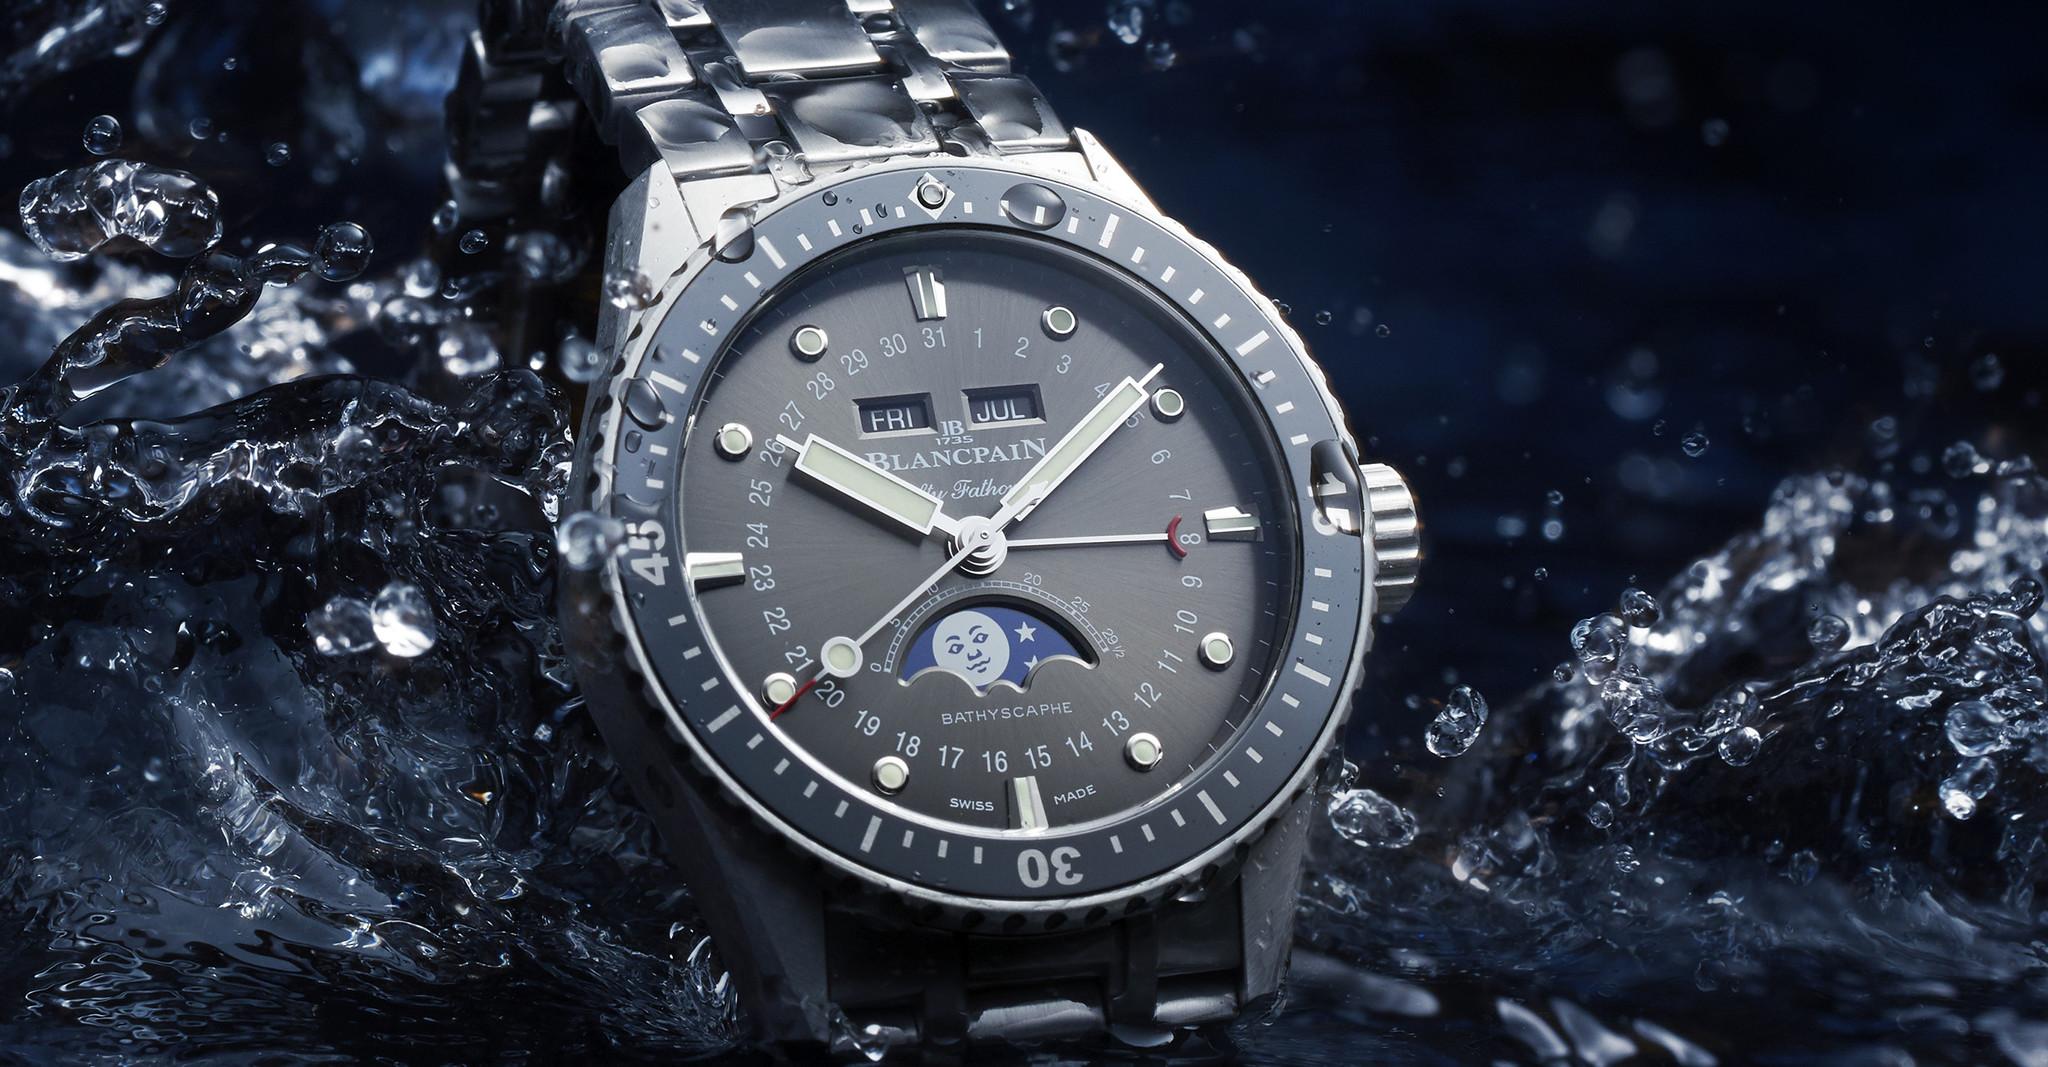 Ontdek hier Blancpain horloges voor dames en voor heren!